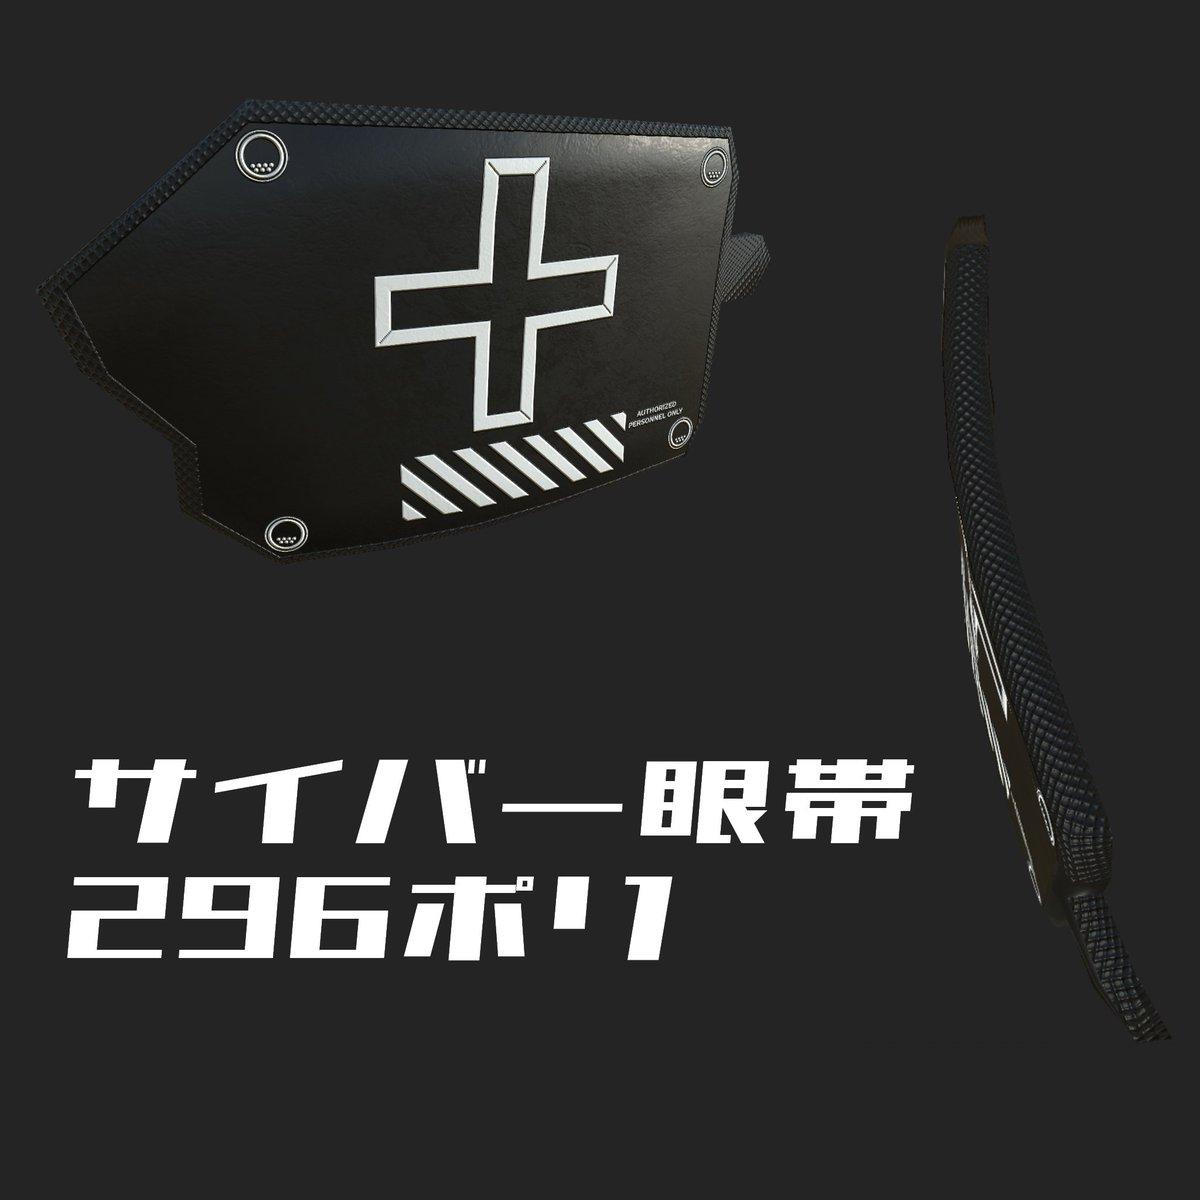 サイバーパンク風な眼帯をリリースしました!初の3Dモデル販売です!3Dモデル サイバーパンク風眼帯 | 白紙に書かれる物語  #booth_pm #VRChat